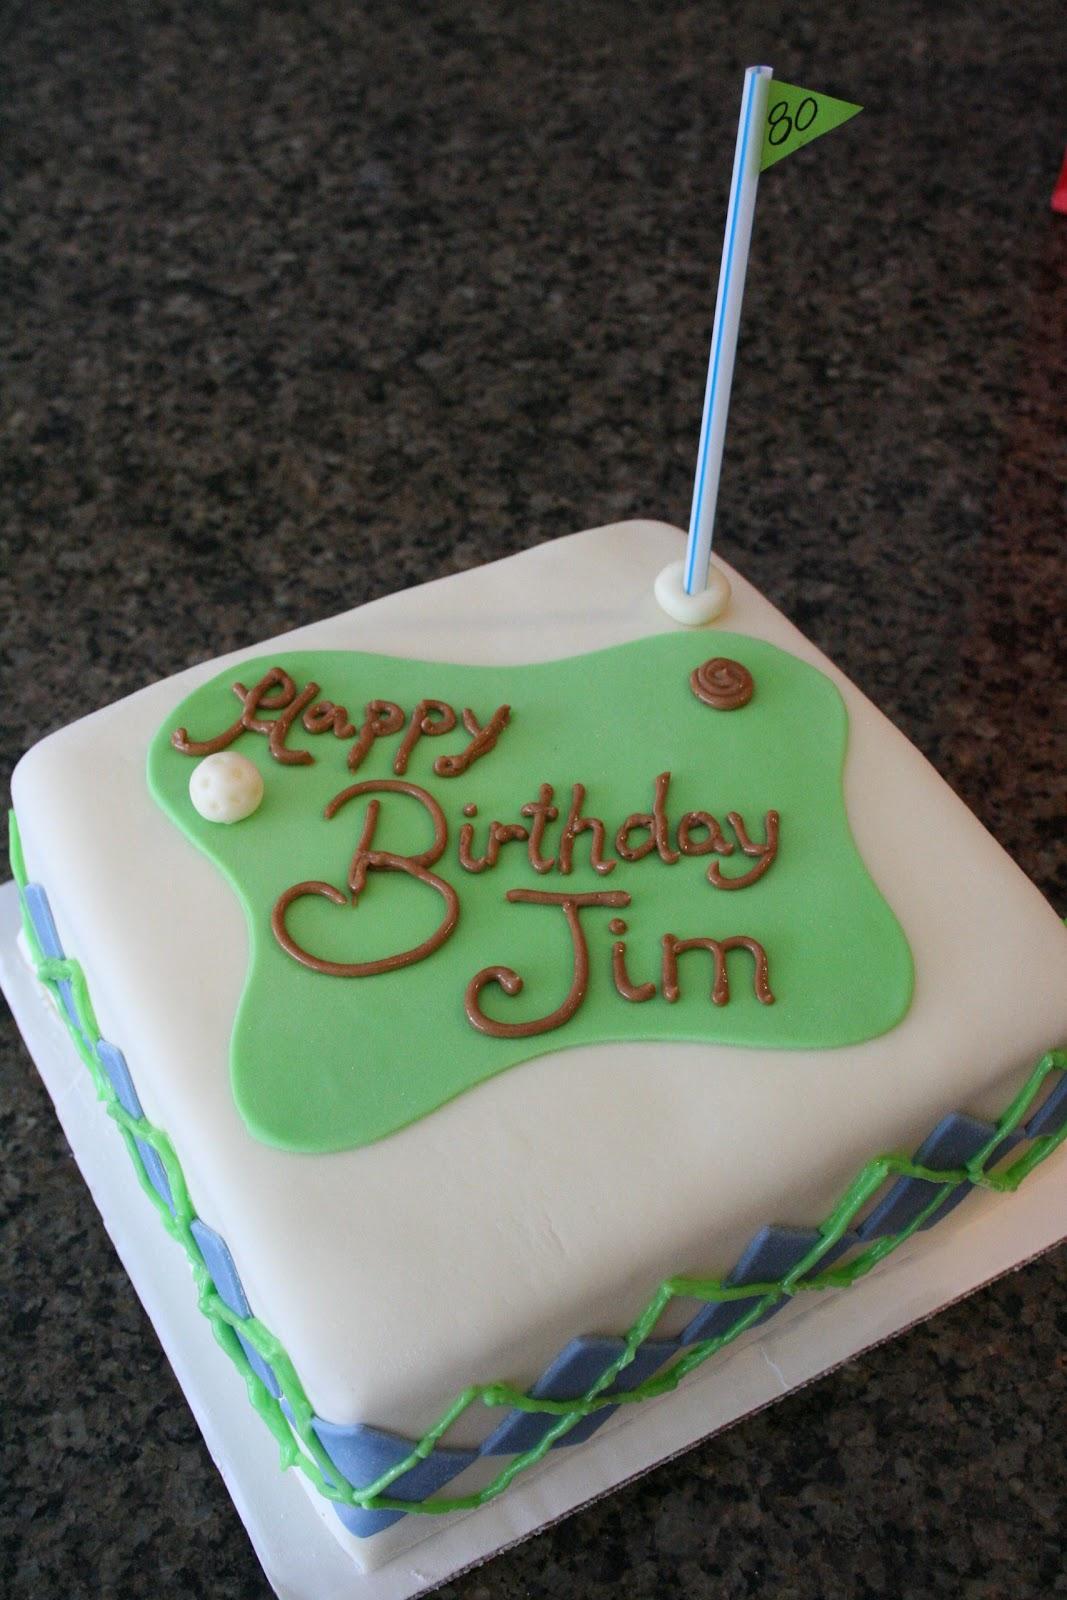 Happy Birthday Jimmy Cake